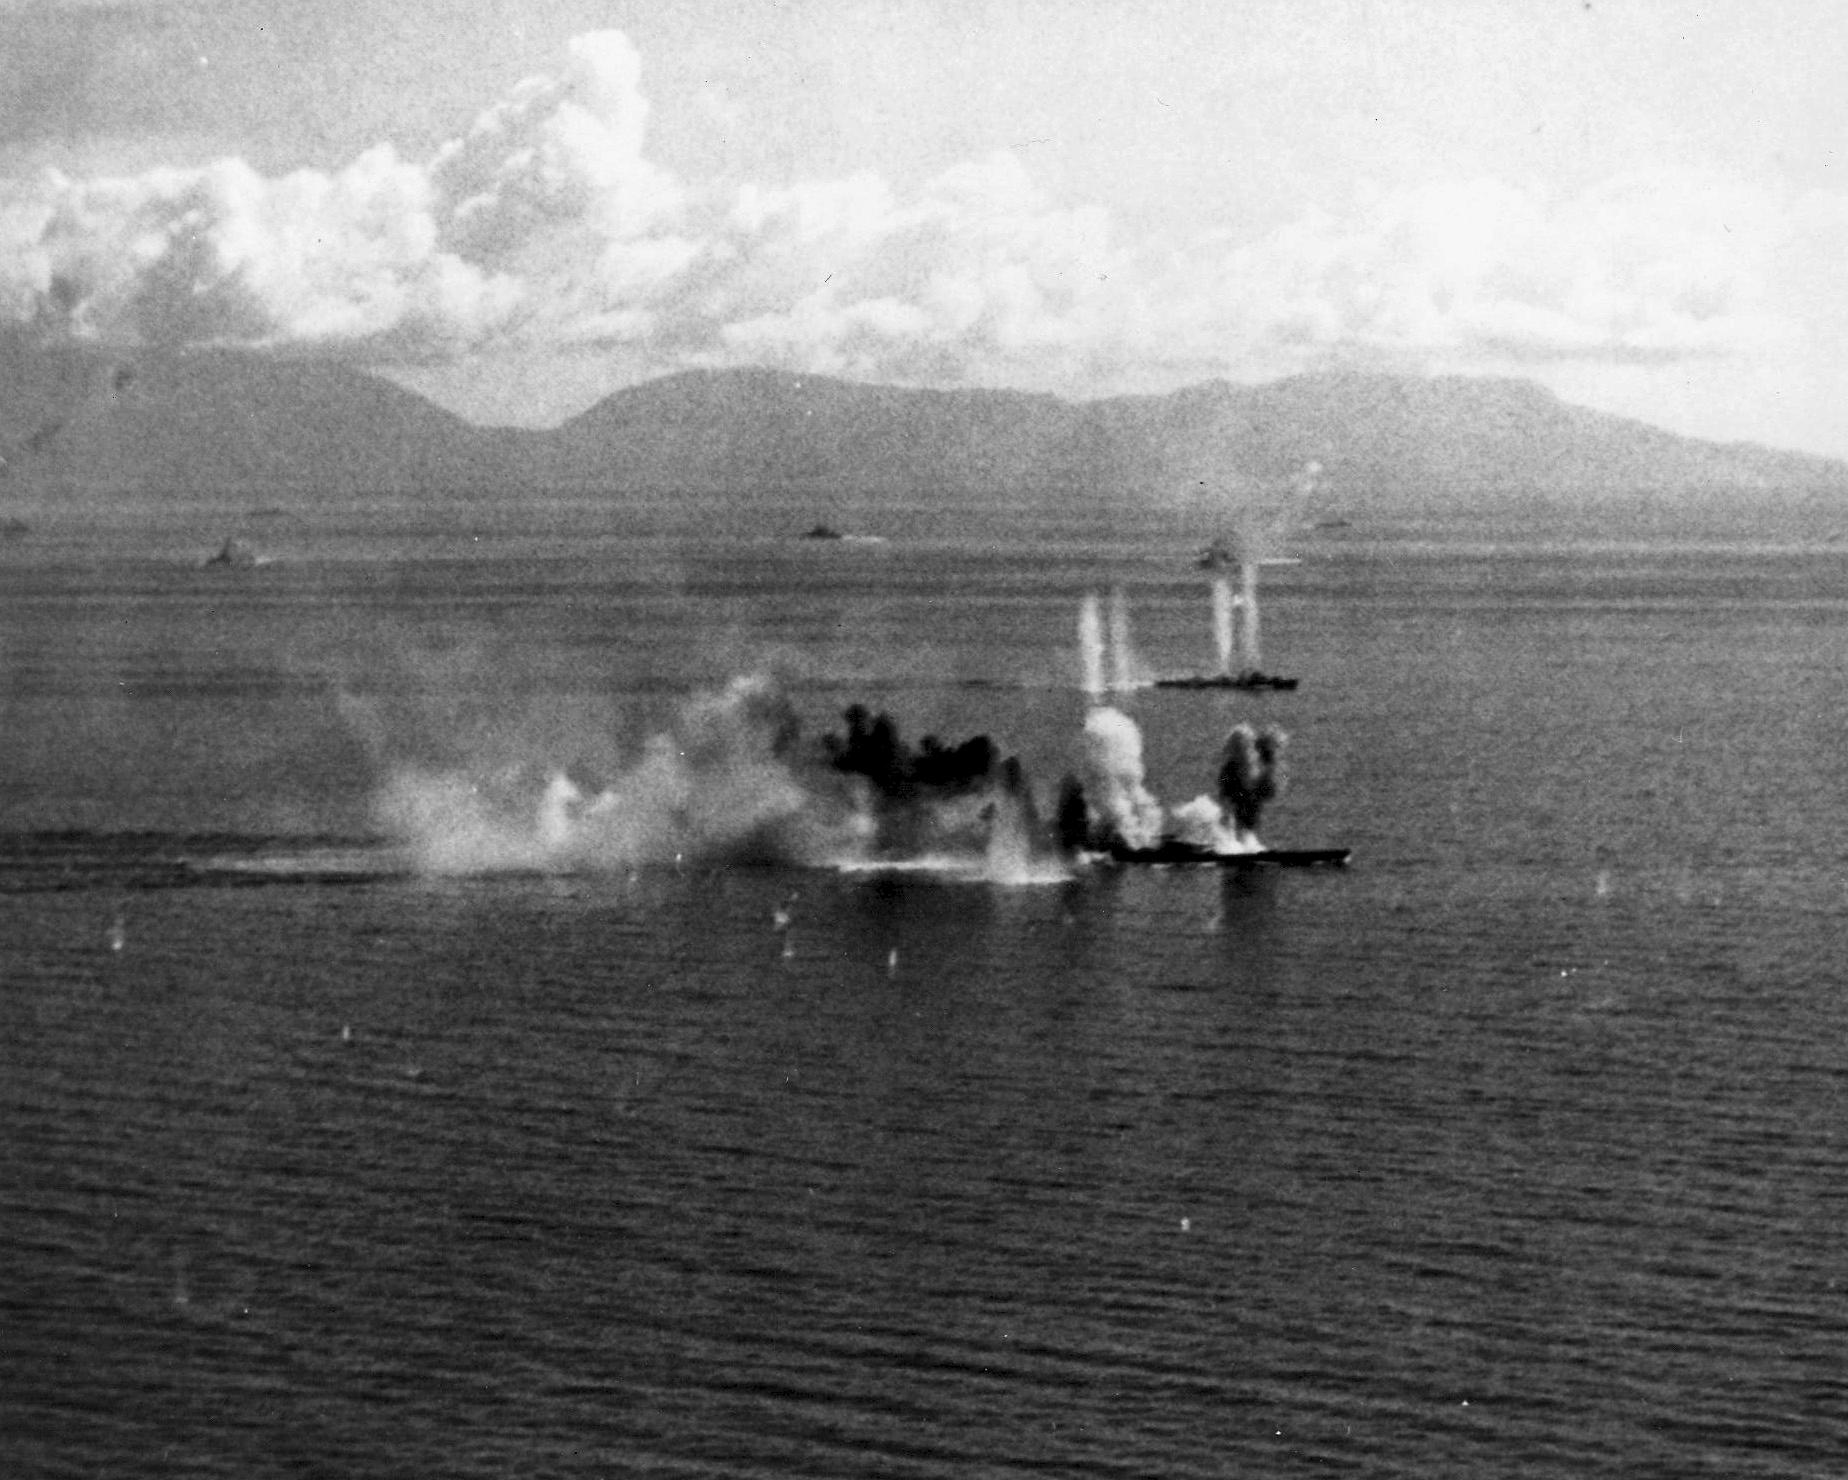 アメリカ軍艦載機の攻撃にさらされる戦艦武蔵